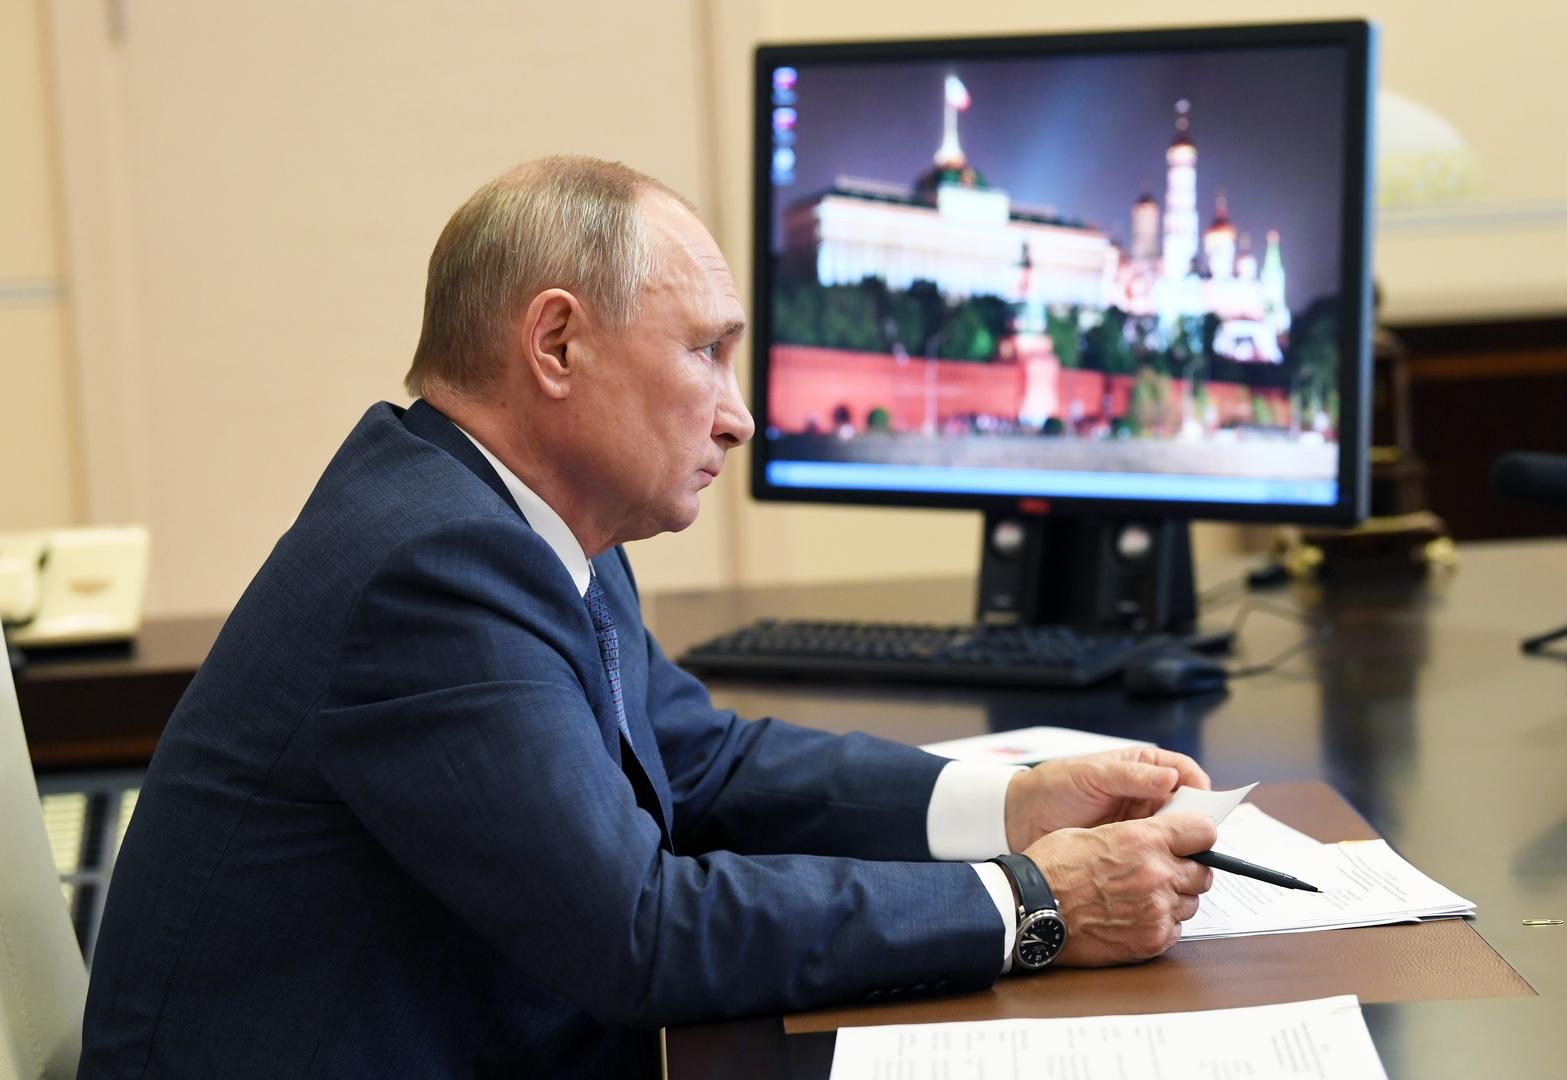 بوتين يوجه ببدء حملة التطعيم الجماعي ضد فيروس كورونا في روسيا اعتبارا من نهاية الأسبوع المقبل